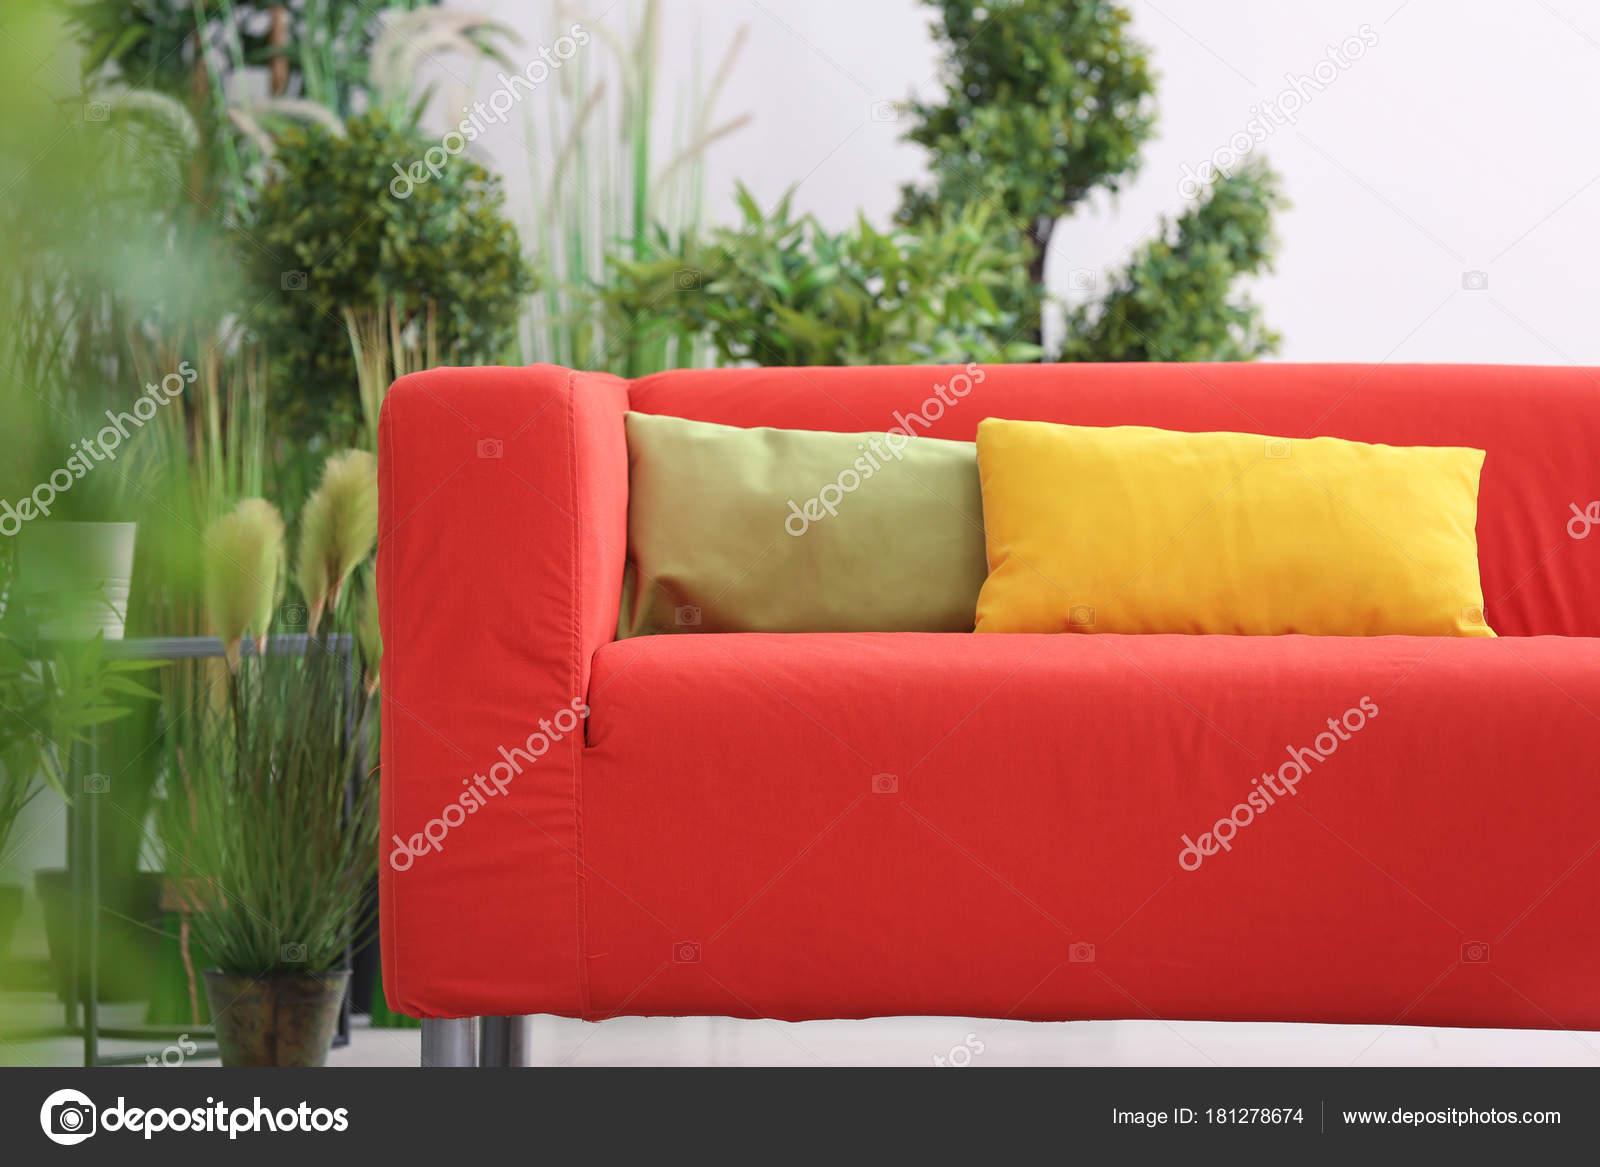 Divano Rosso Cuscini : Comodo divano rosso con cuscini camera u foto stock belchonock